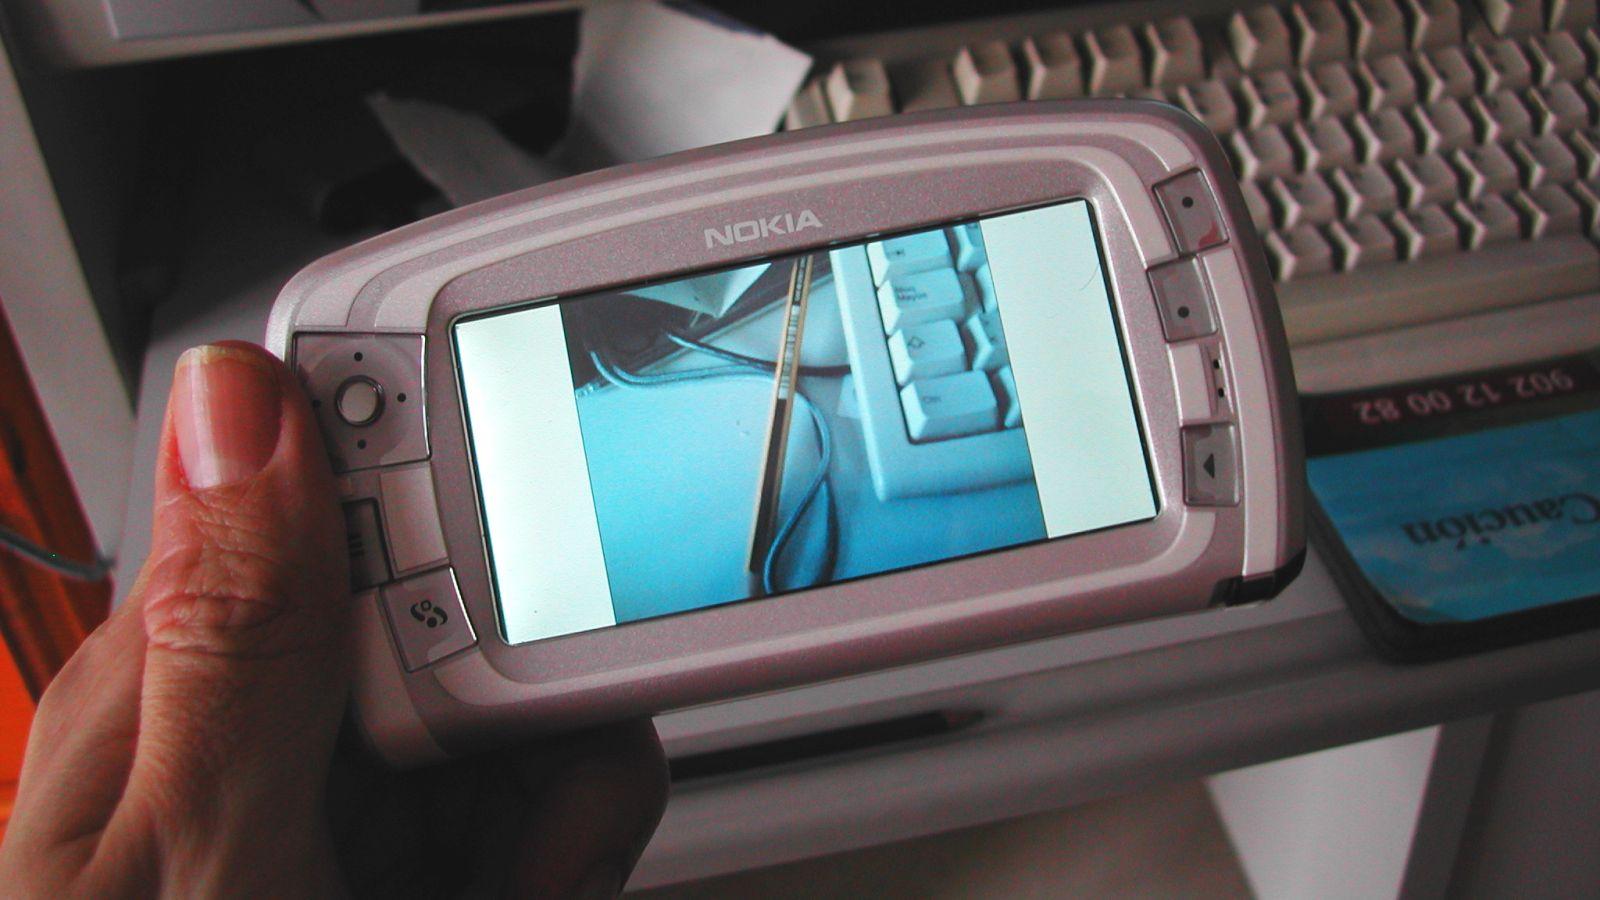 Nokia 7710 JJ Merelo